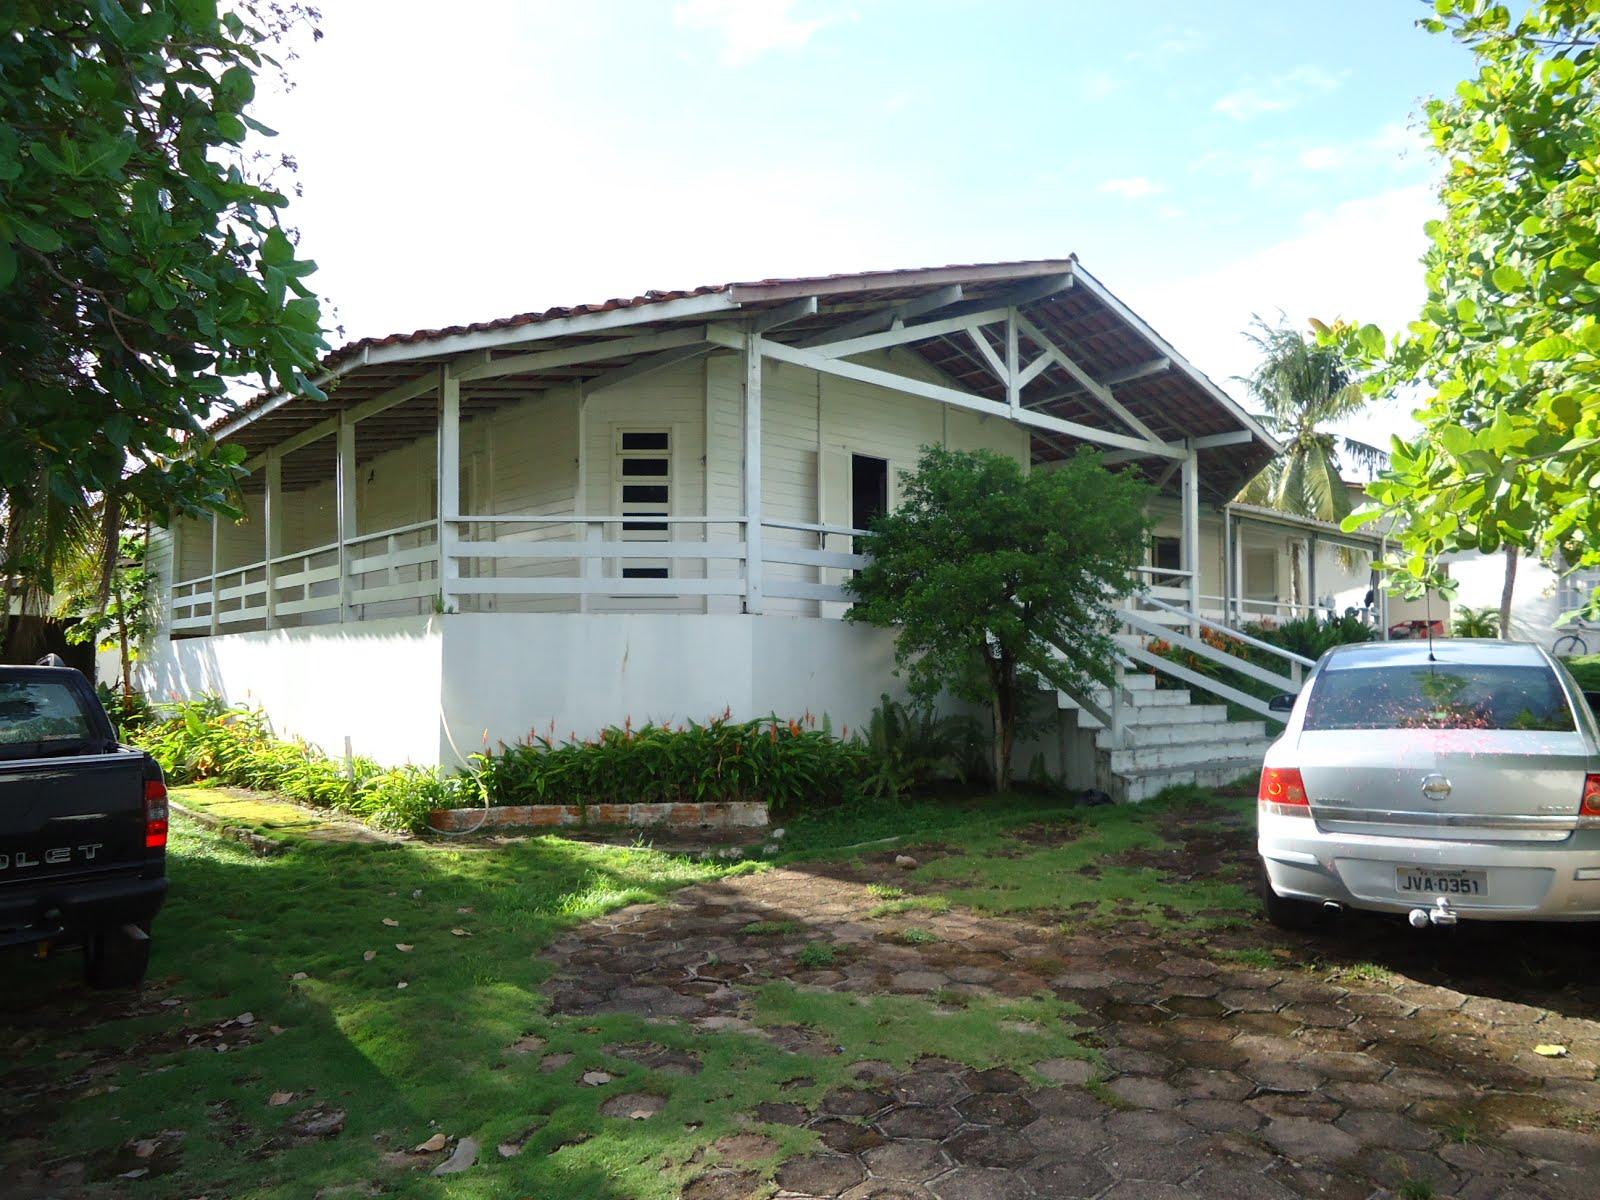 Casa - aluga-se em Santarém - (93) 99122-1201